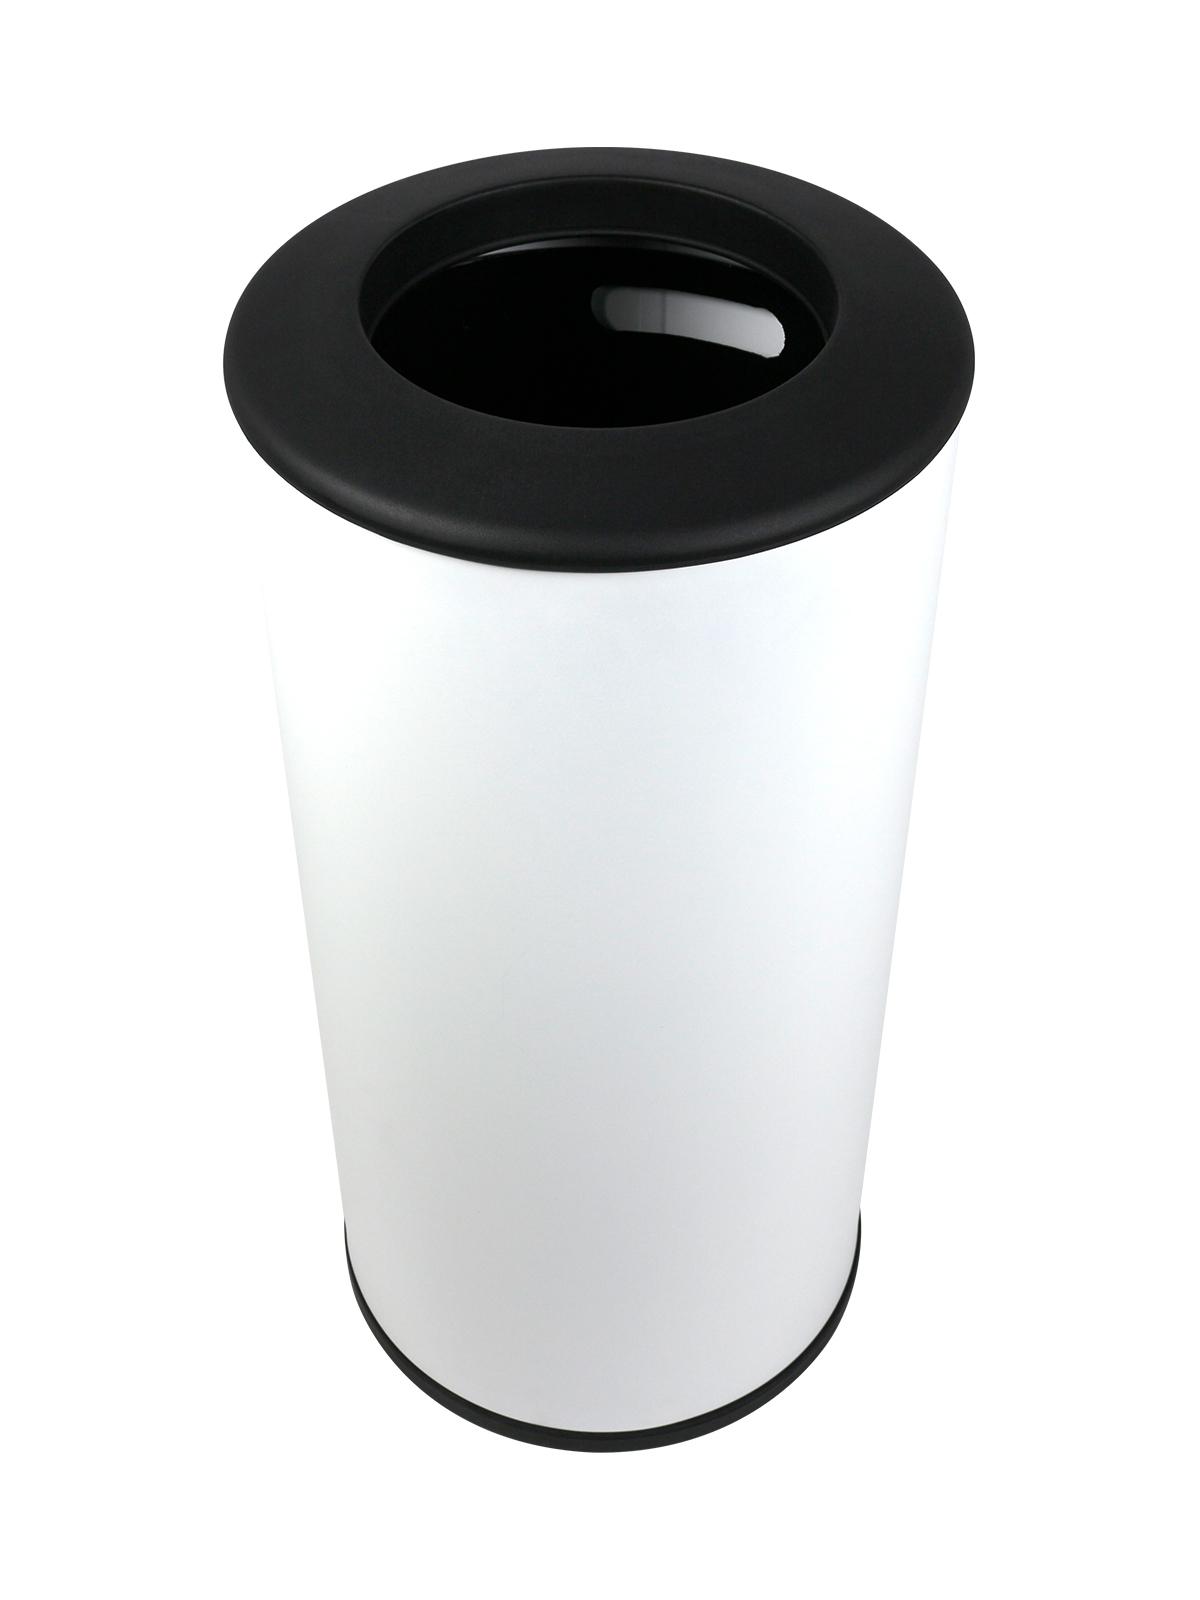 IMPACT - Unit - Full - White-Black